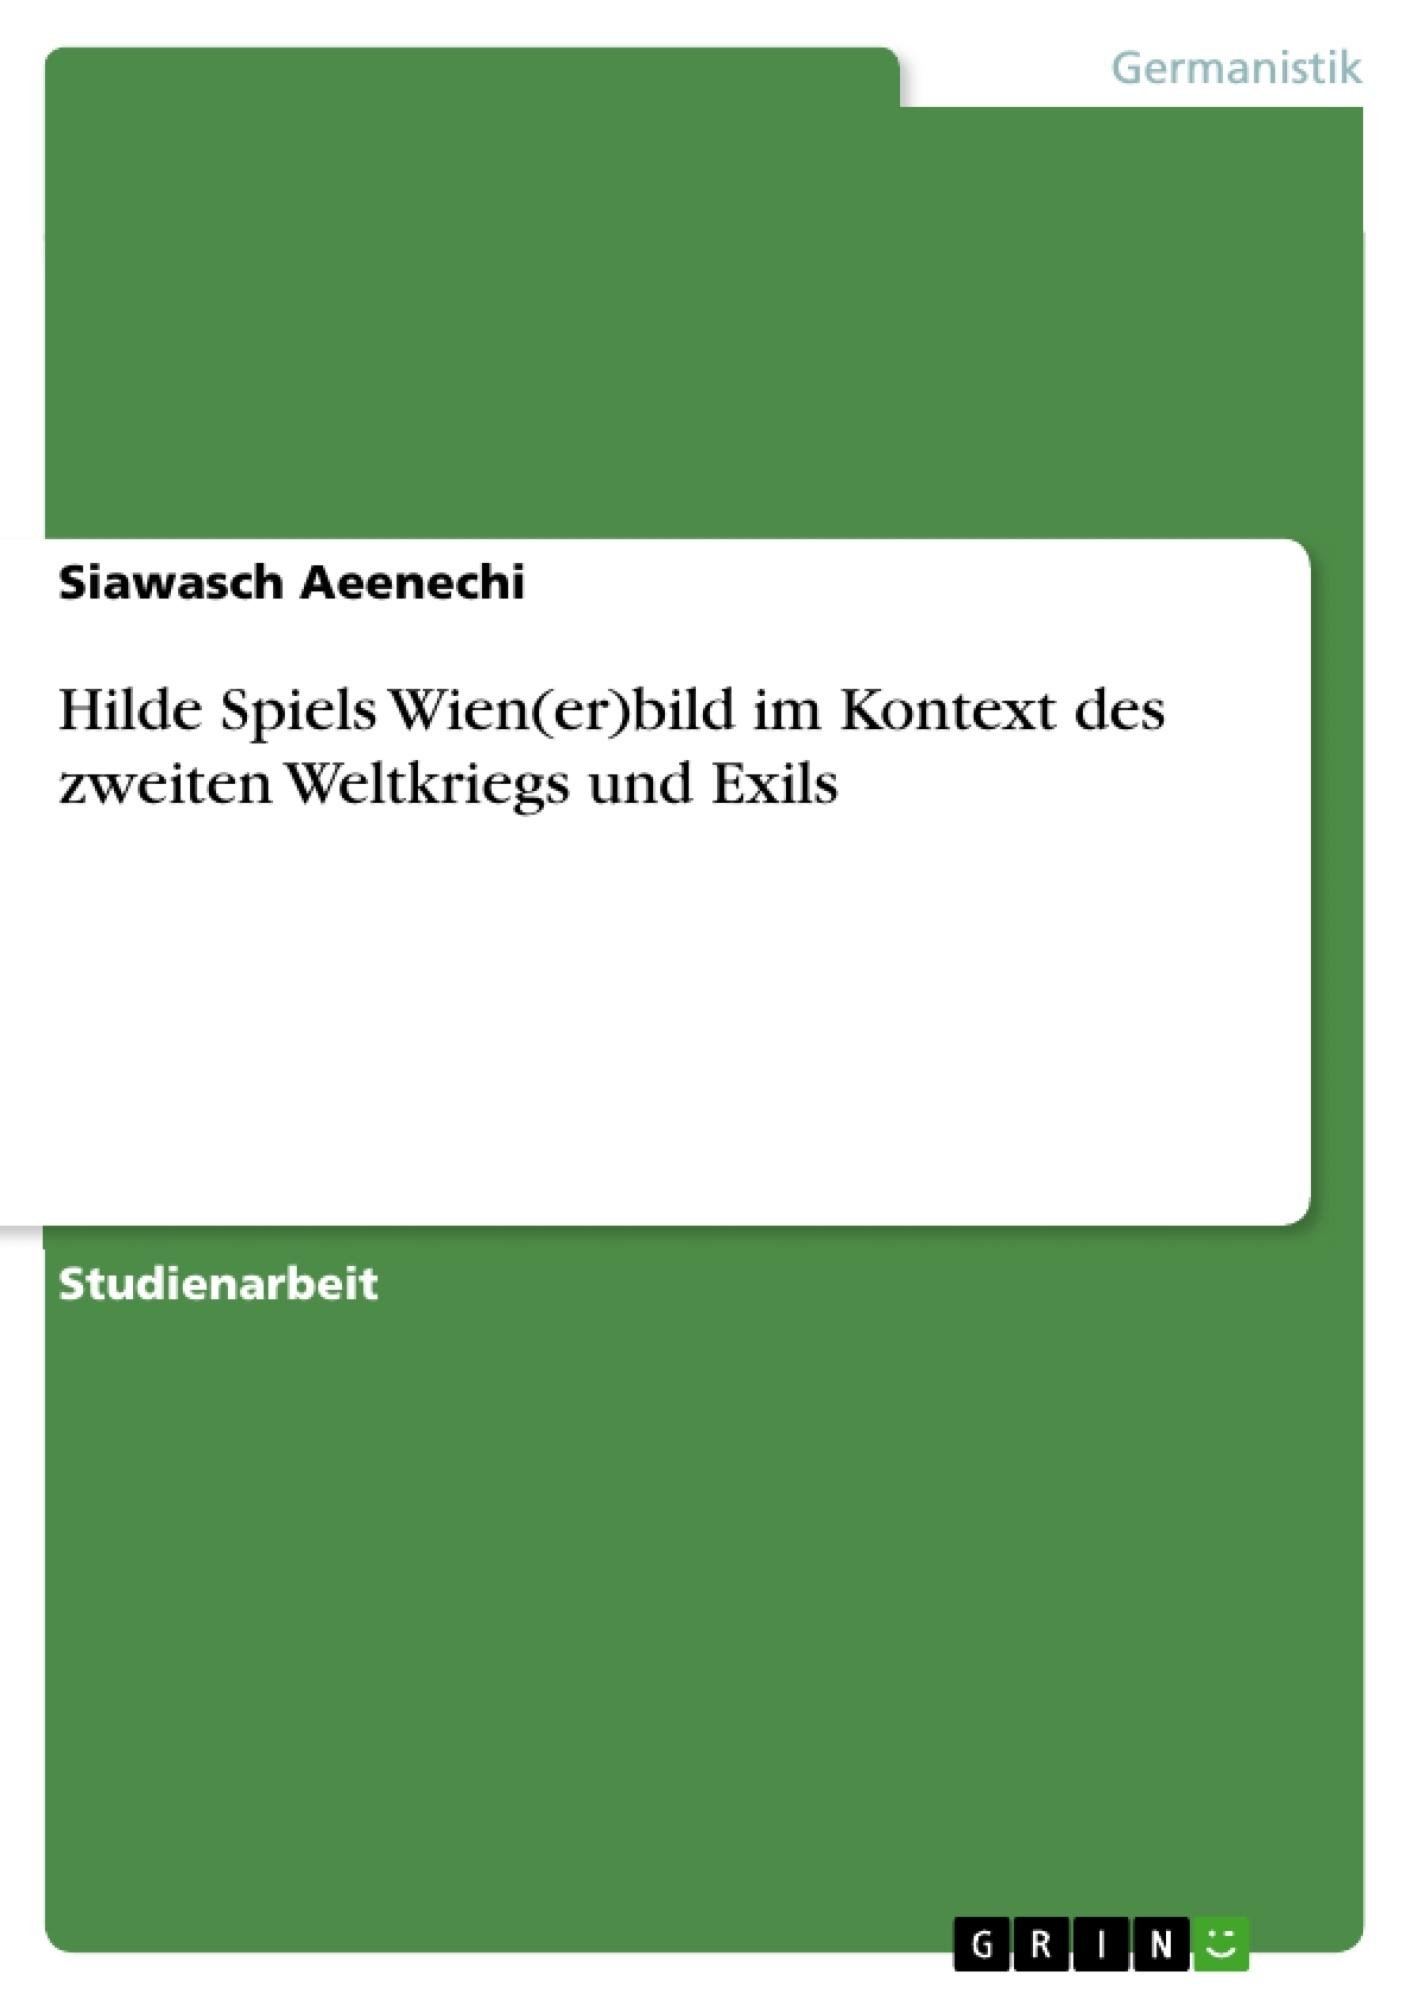 Titel: Hilde Spiels Wien(er)bild im Kontext des zweiten Weltkriegs und Exils